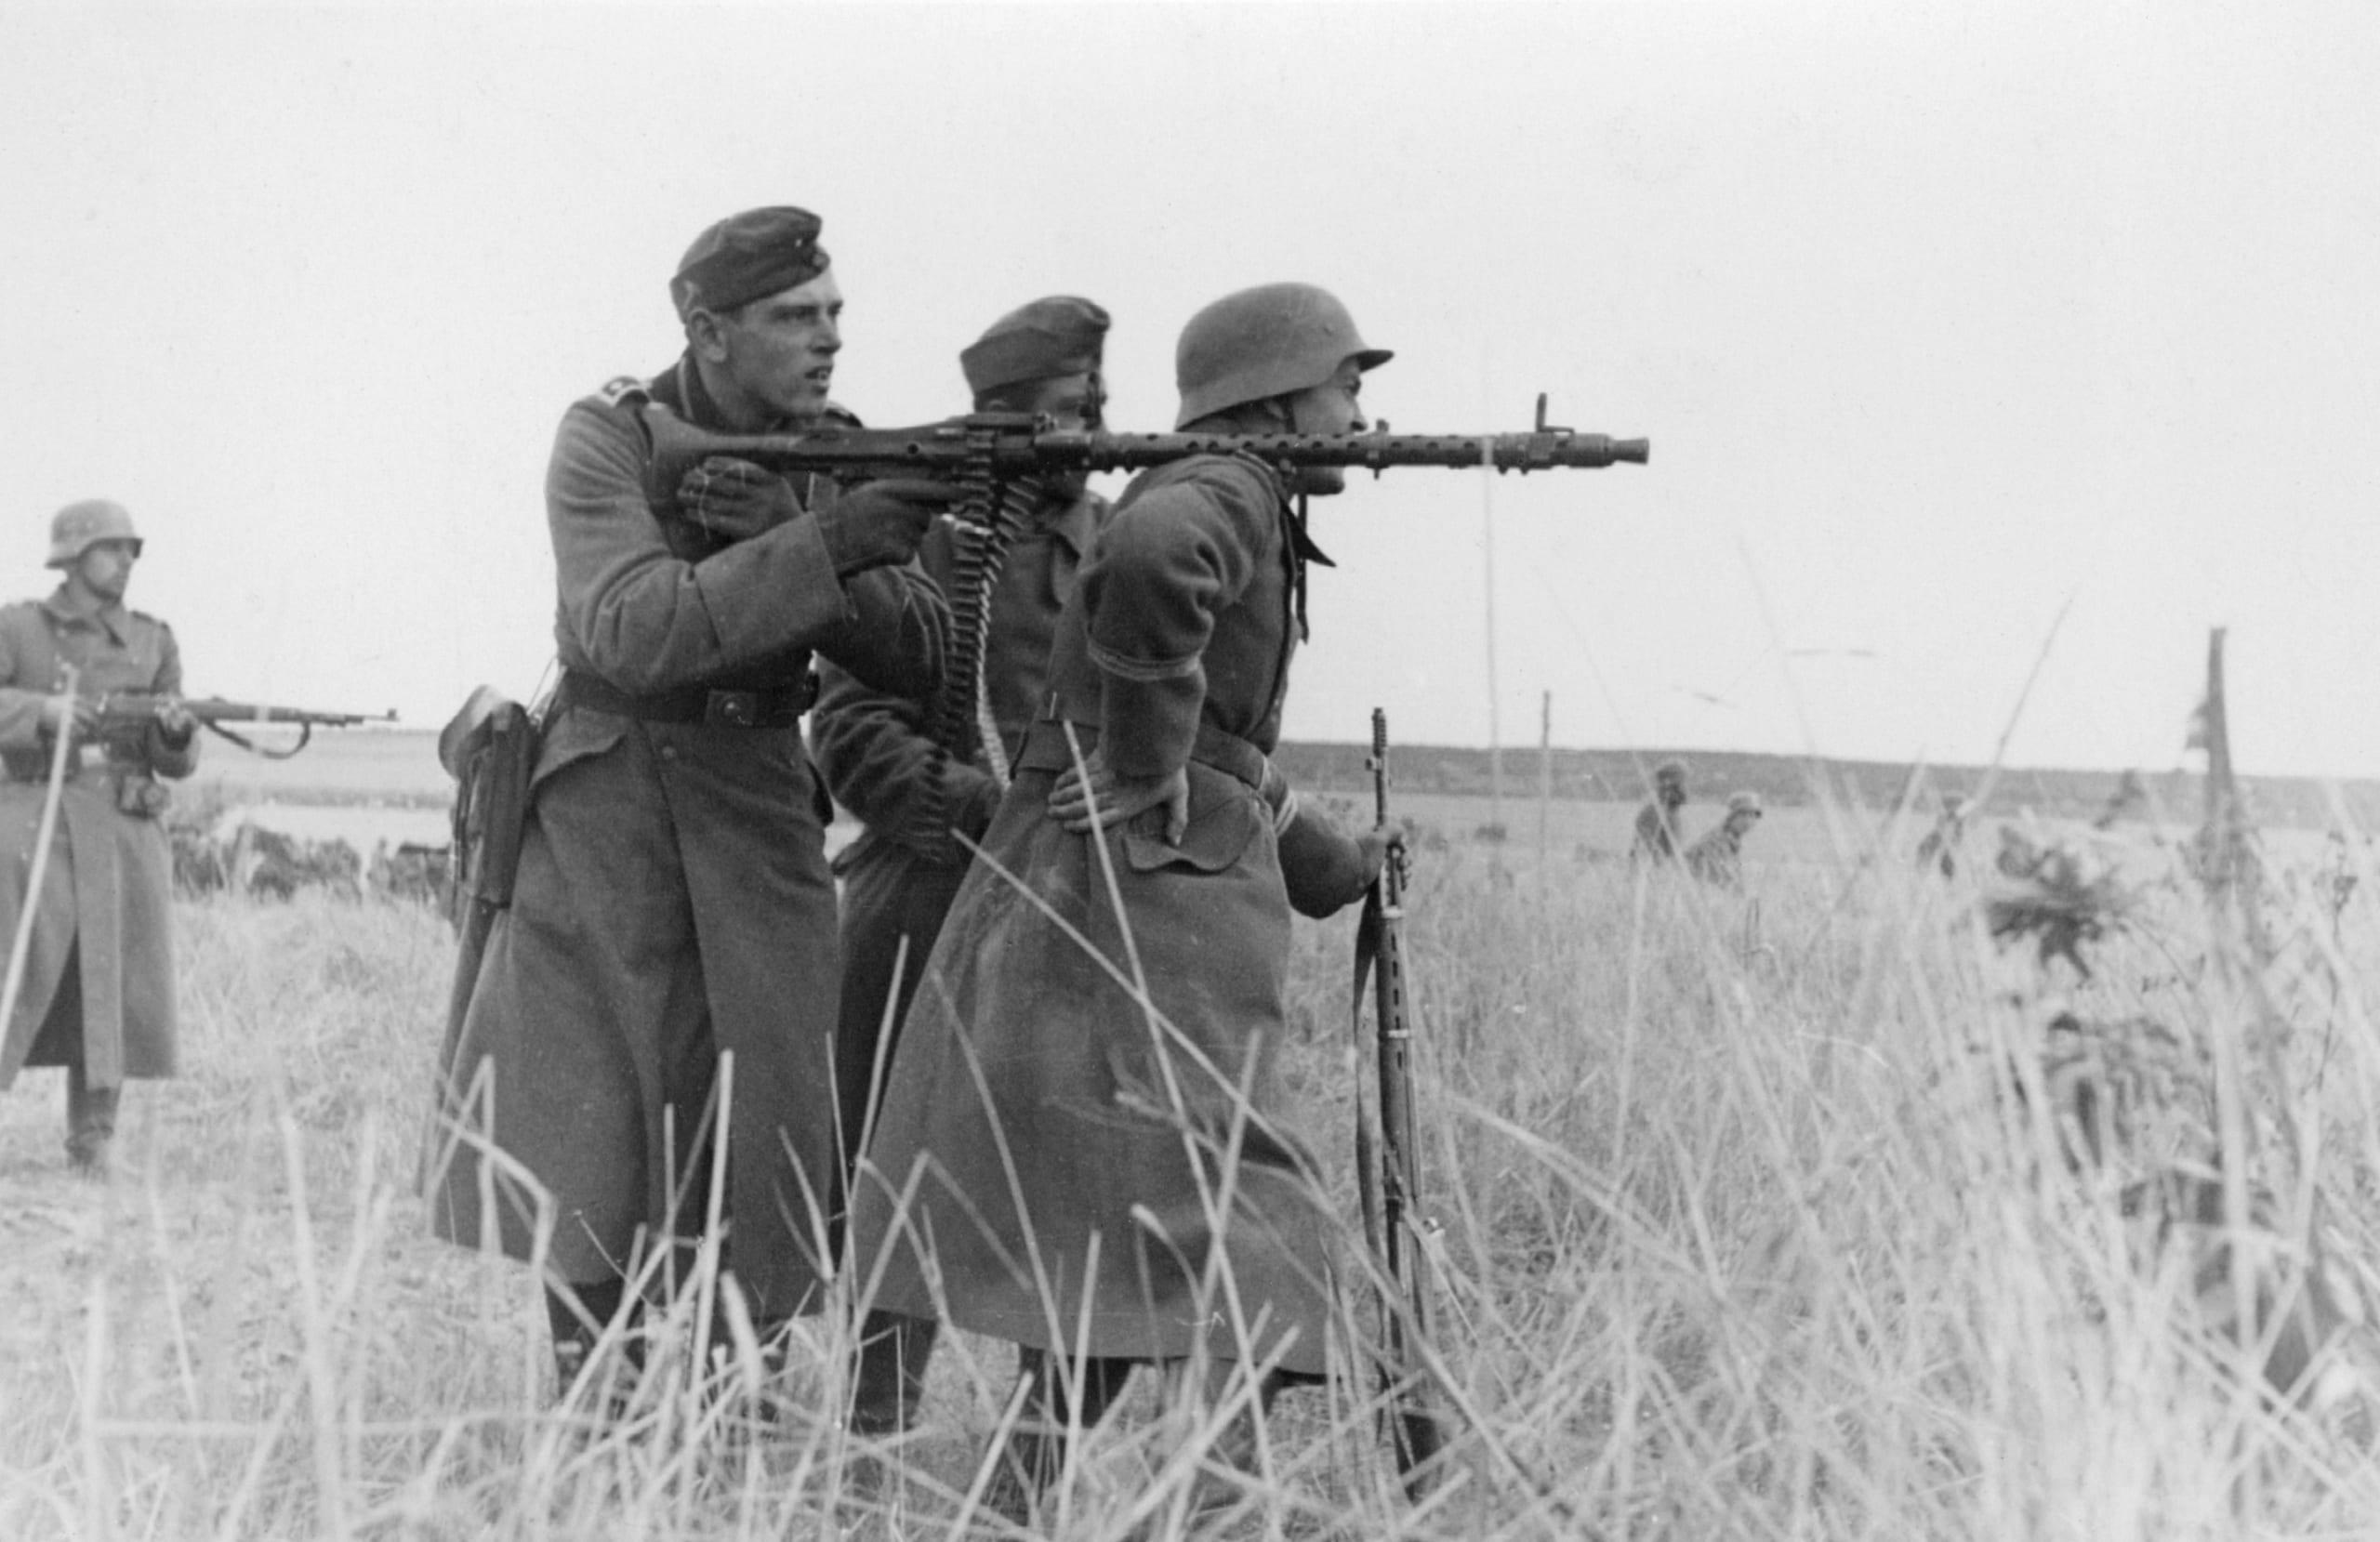 銃器大国ドイツが生んだ未来指向の名機関銃MG34